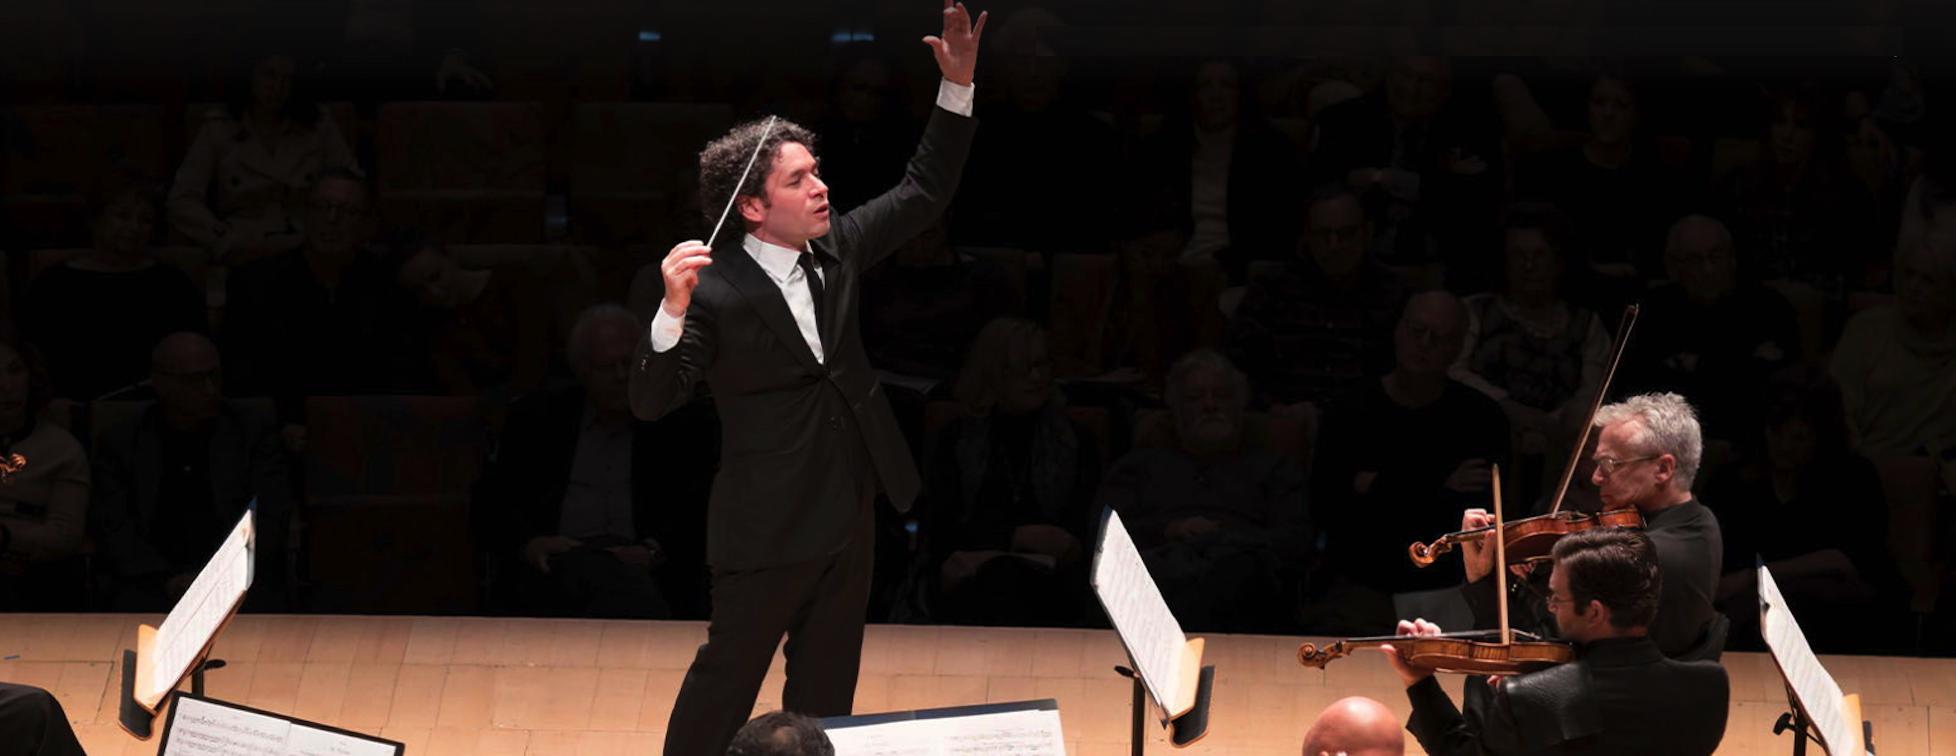 Gustavo Dudamel prolongé à la tête du Philharmonique de Los Angeles jusqu'à 2026